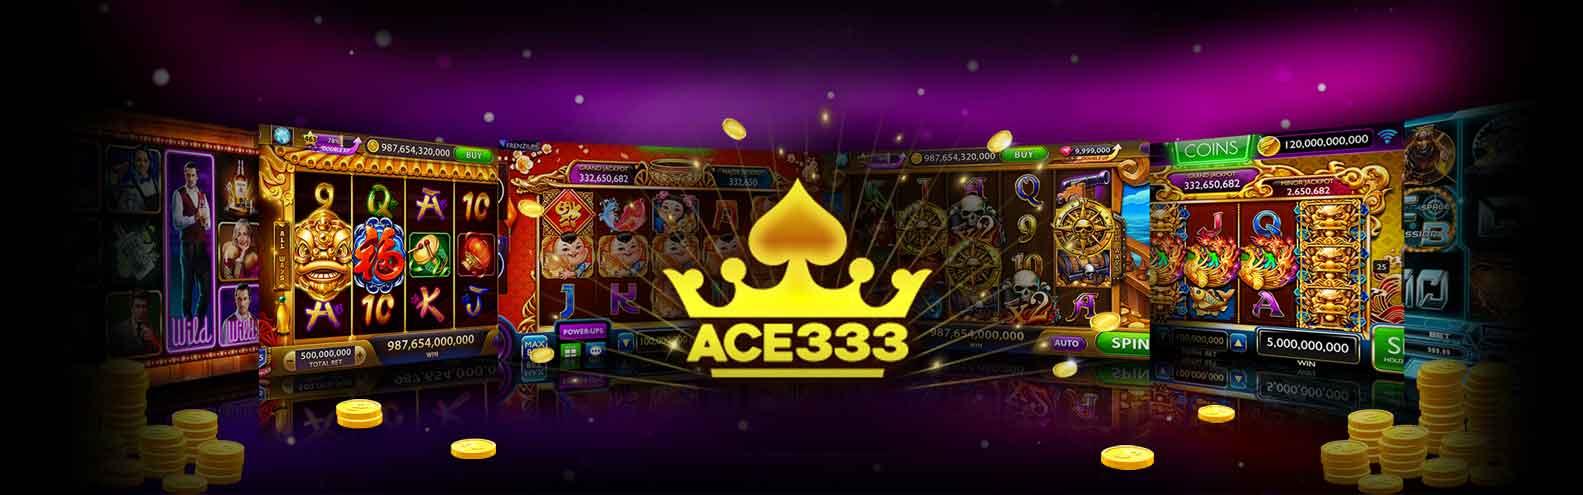 สล็อต ACE333.biz